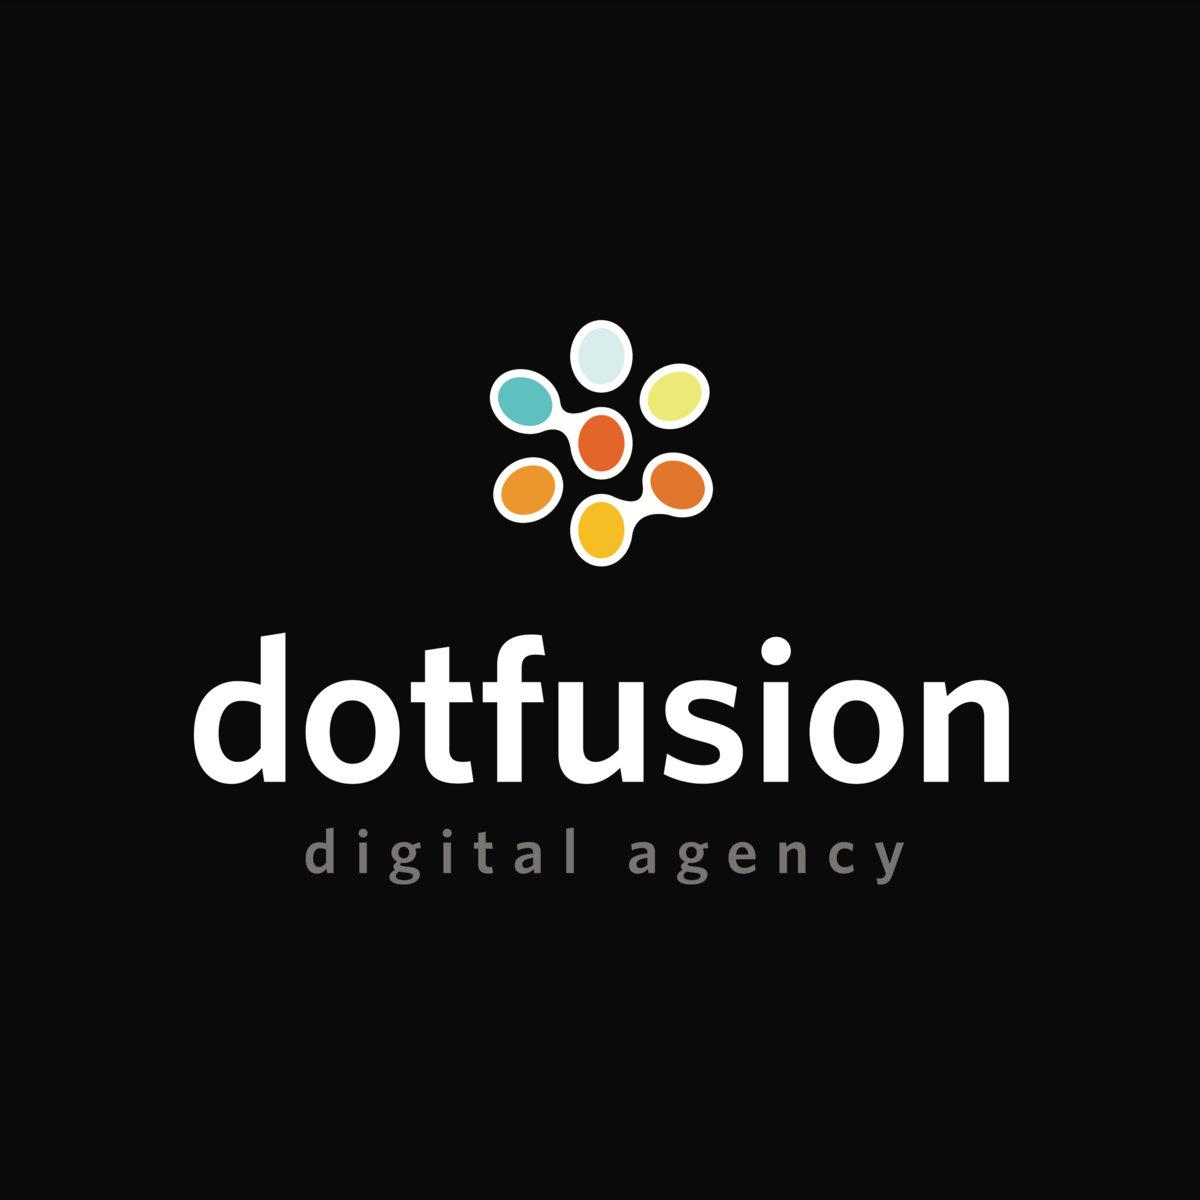 Dotfusion Digital